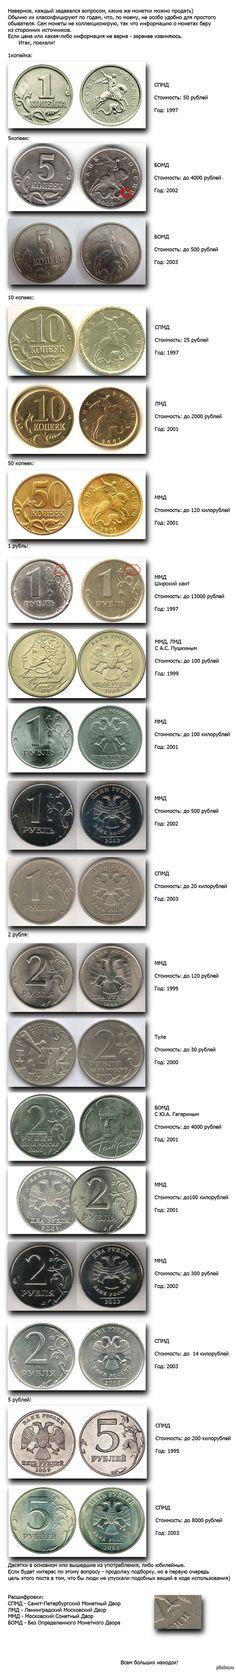 Современные ценные монеты Я не претендую на новизну или оригинальность материала - лишь на удобство поиска и определения нужных монет) нумизматика, монета, деньги, рубли, классификация, длиннопост